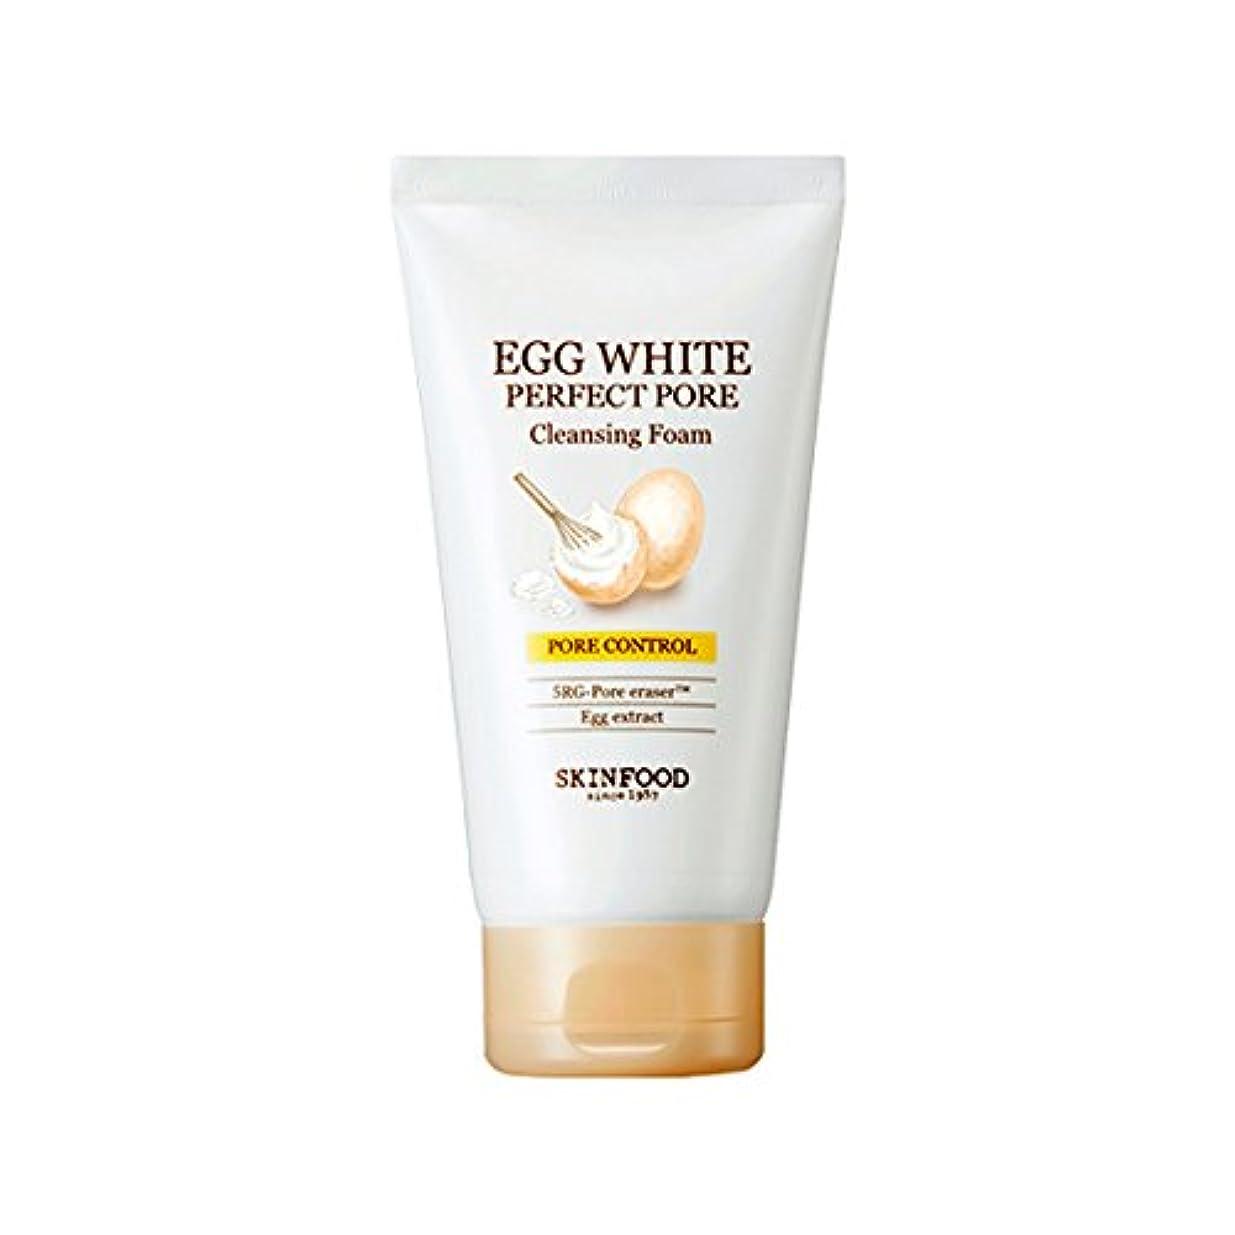 アコード記者意義Skinfood/Egg White Perfect Pore Cleansing Foam/エッグホワイトパーフェクトポアクレンジングフォーム/150ml [並行輸入品]